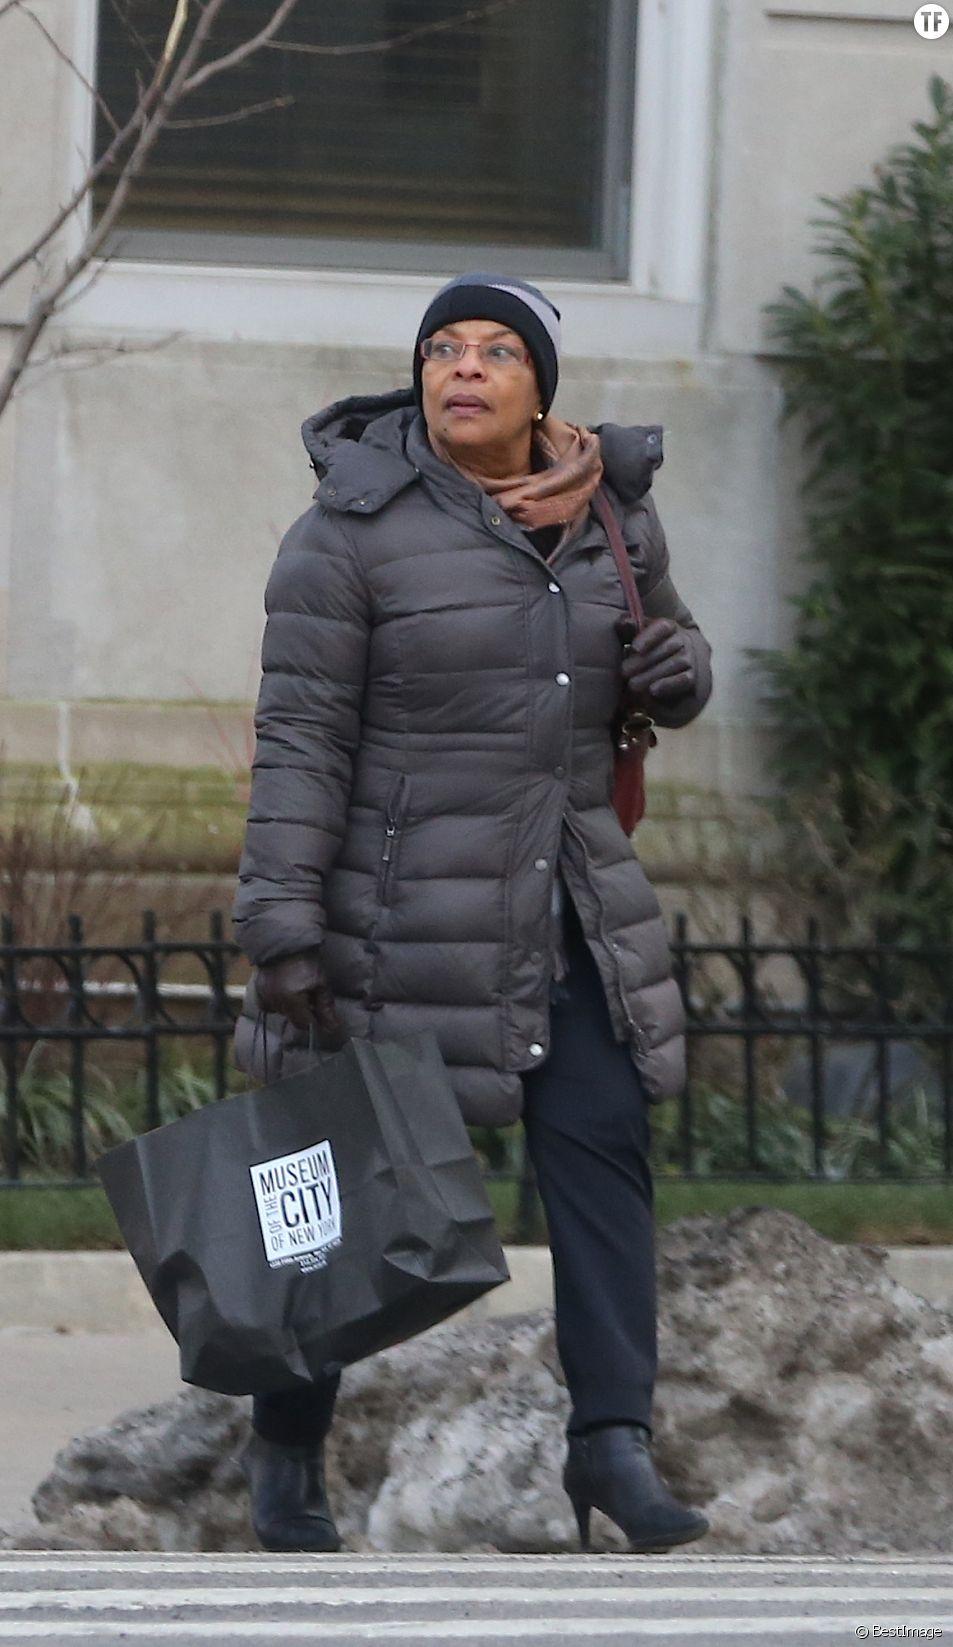 Christiane Taubira est allée visiter le Musée de New York avant de se rendre à l'aéroport pour prendre un vol à destination de Paris, le 31 janvier 2016. Elle est accompagnée d'Elody Rustarucci (la conseillère presse et communication qu'elle avait au ministère de la justice).